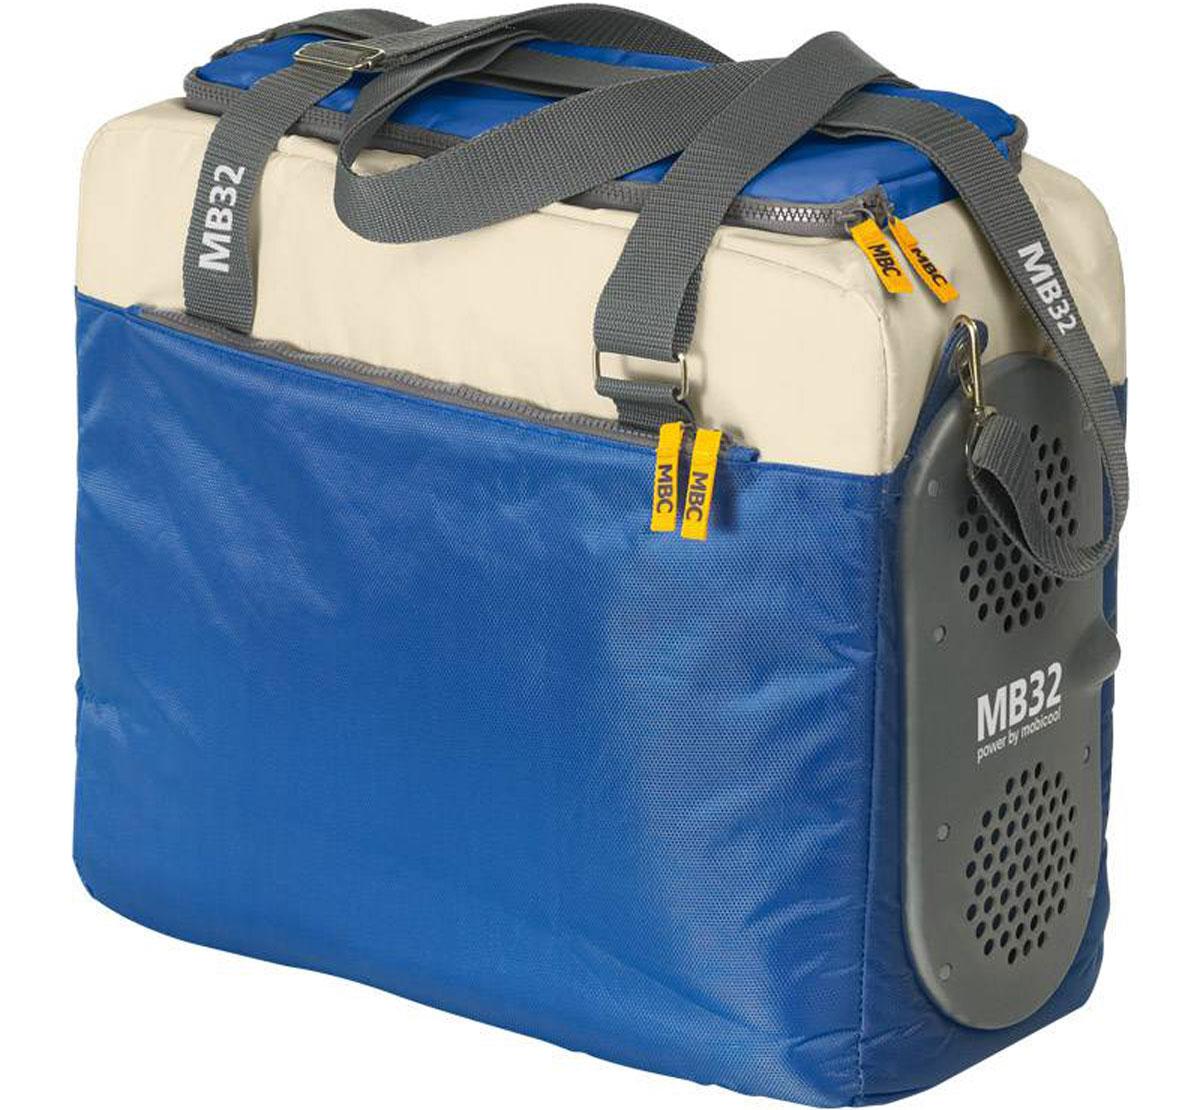 MOBICOOL MB32 DC термоэлектрическая сумка-холодильник mobicool g35 ac dc